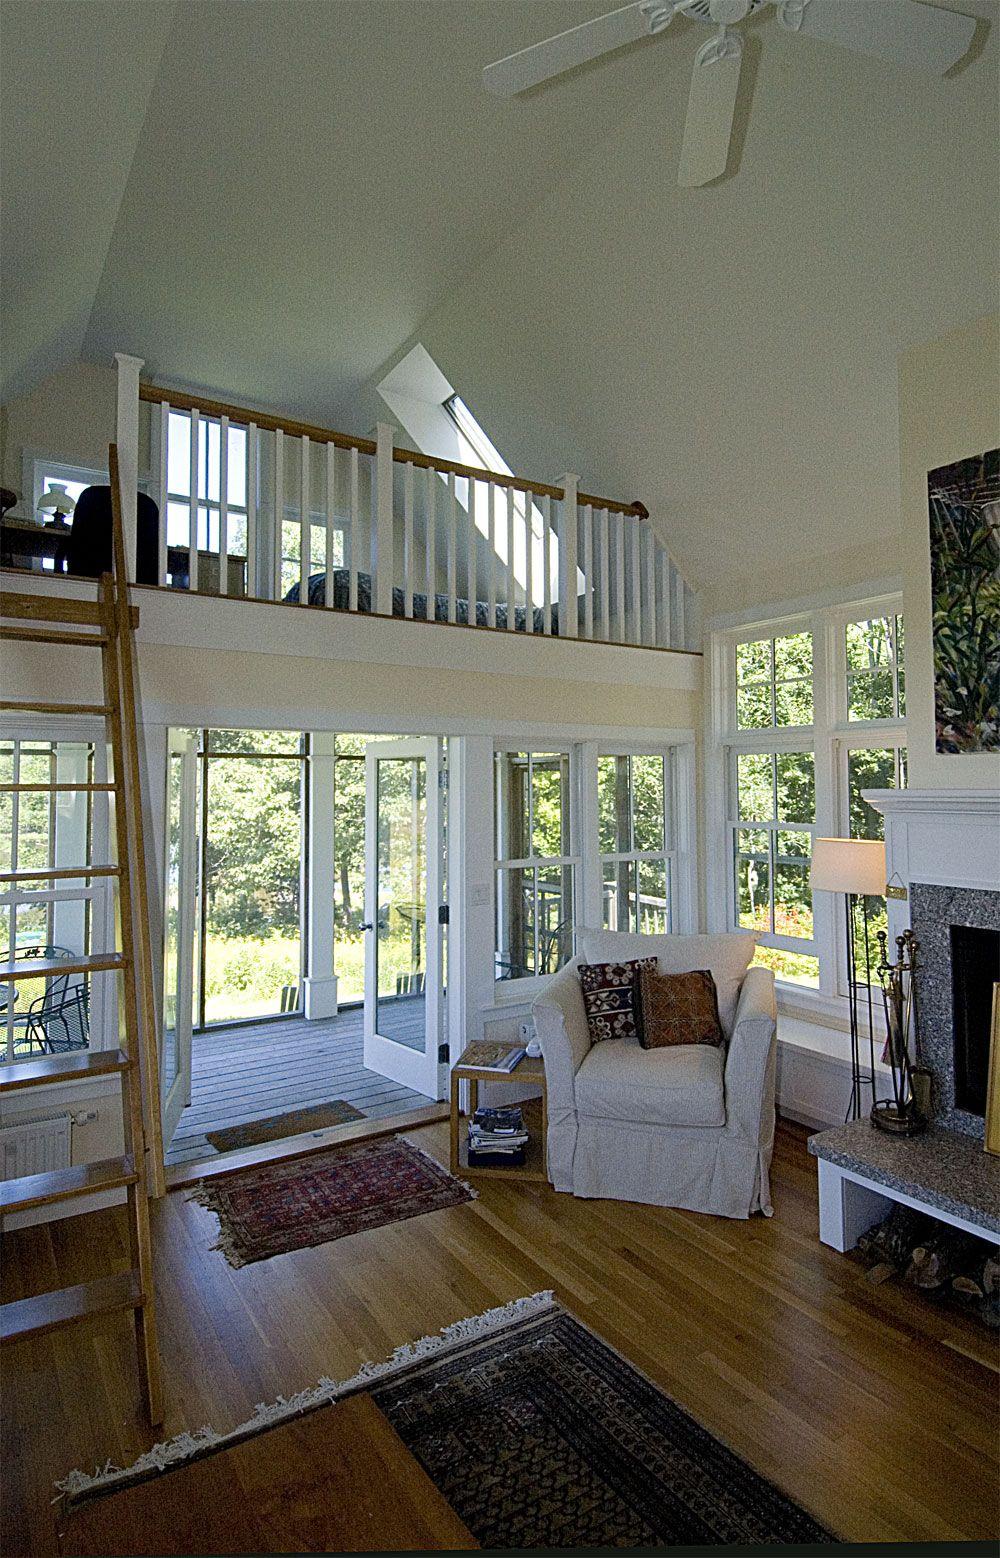 Bedroom ideas for loft rooms   Ultra Cozy Loft Bedroom Design Ideas  Loft bedrooms Lofts and